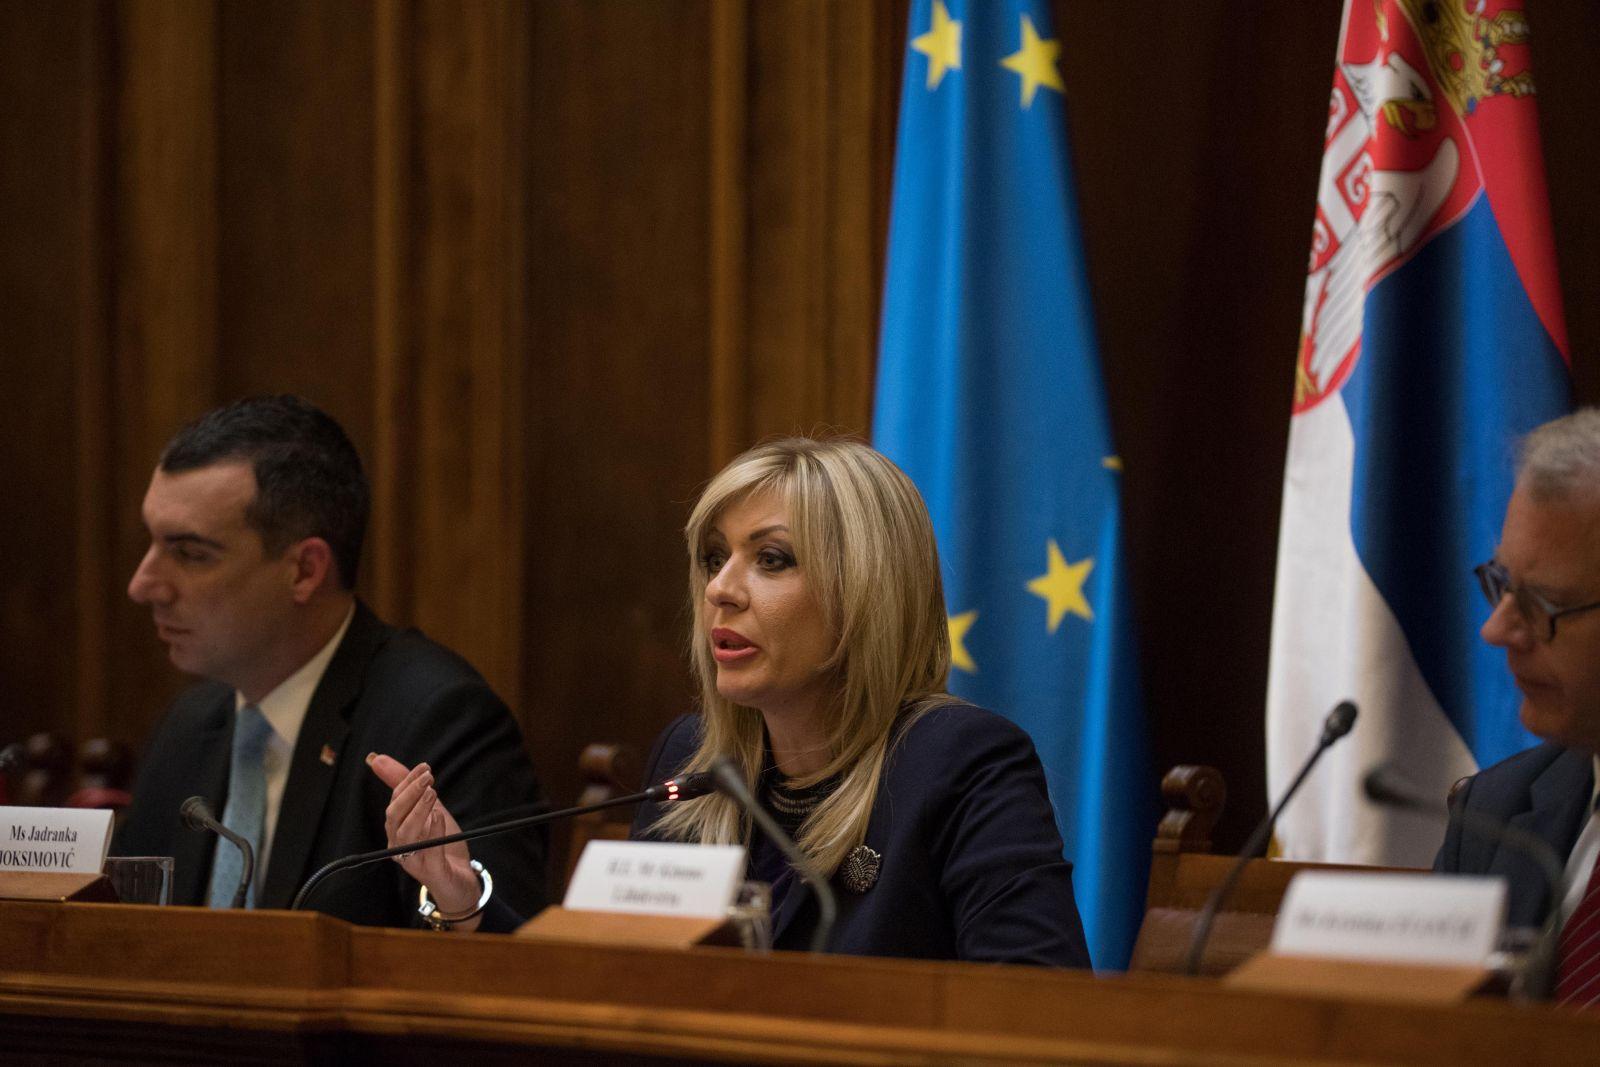 Ј. Јоксимовић: Србија, као кандидат за ЕУ, показује велику одговорност